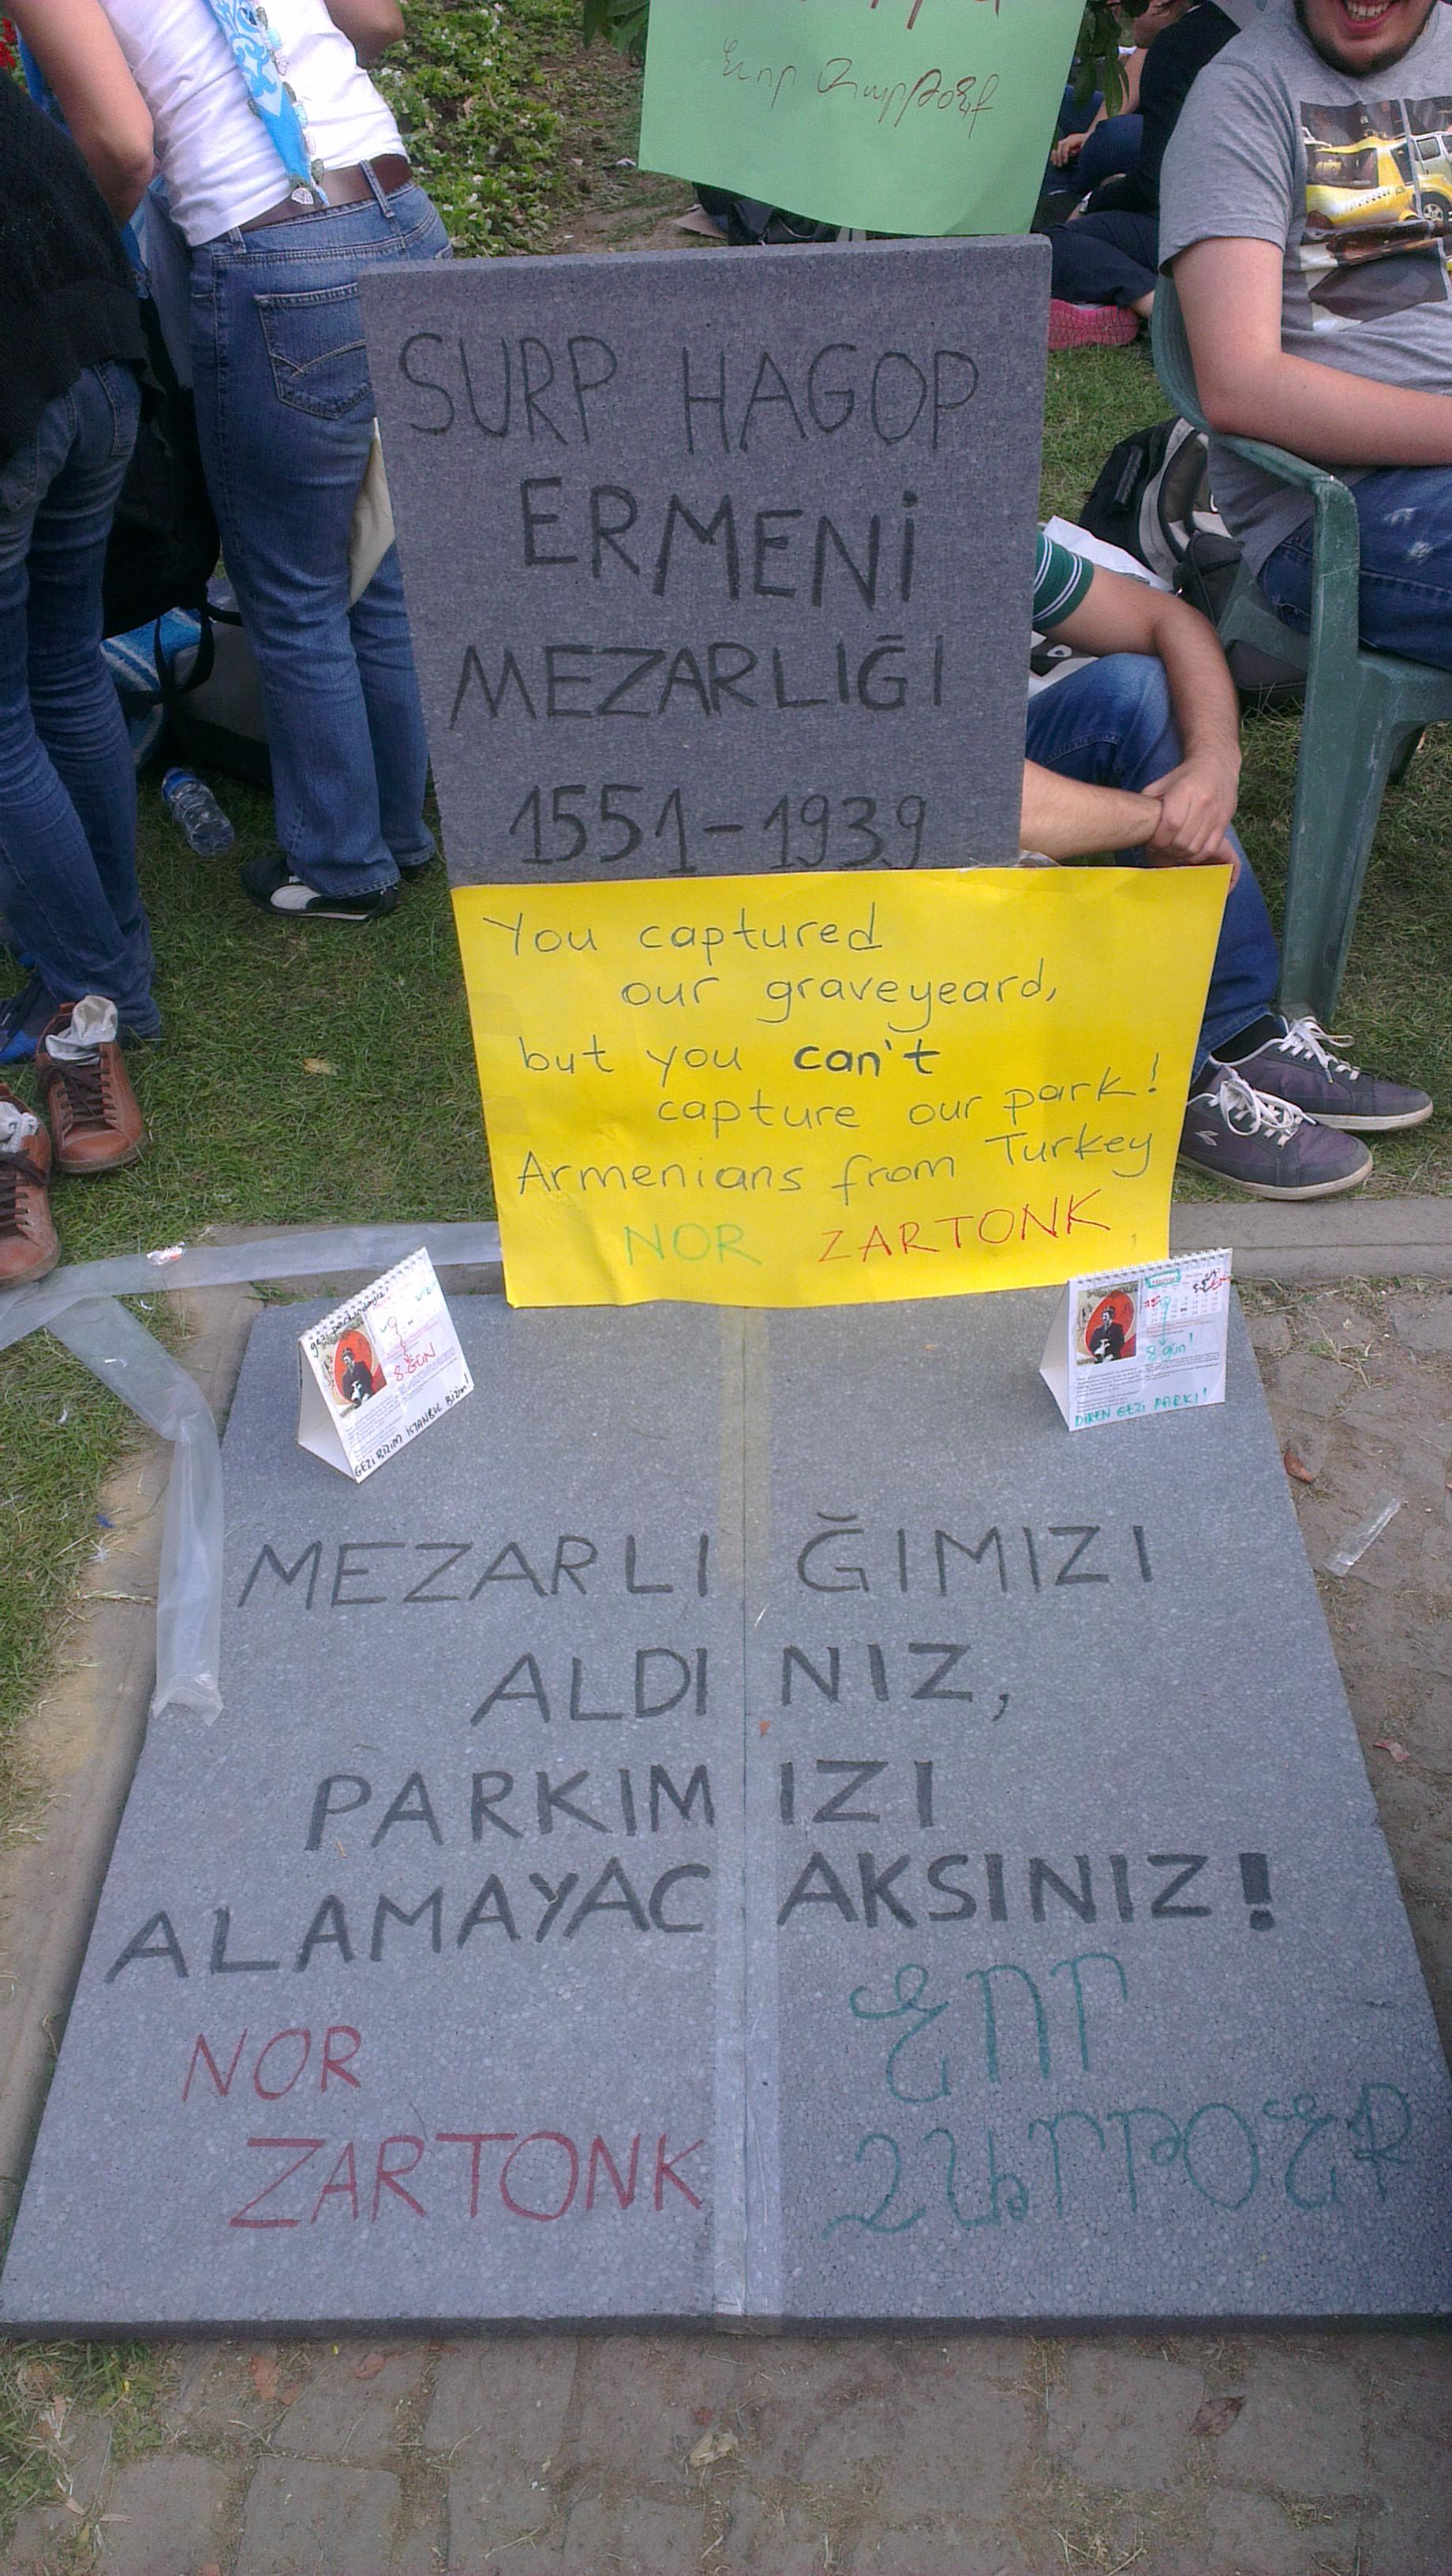 Gezi Parkı  direnişi (2013) döneminden bir pankart